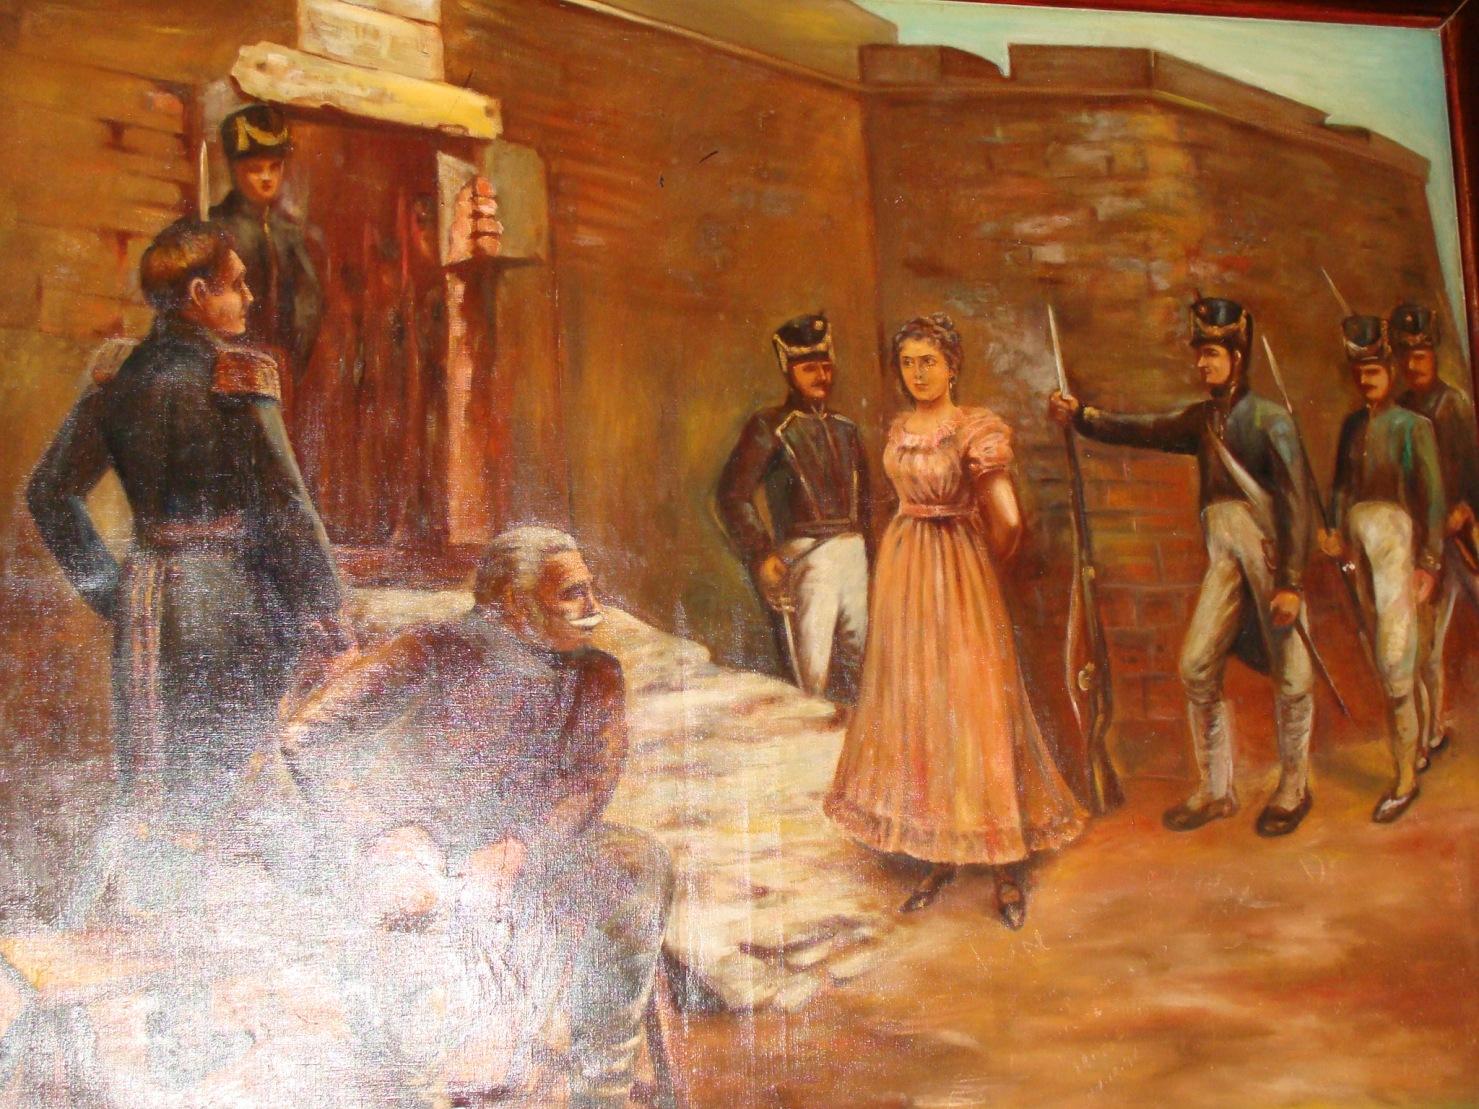 pintura de Luisa Caceres de Arismendi cuando la ponenprisionera